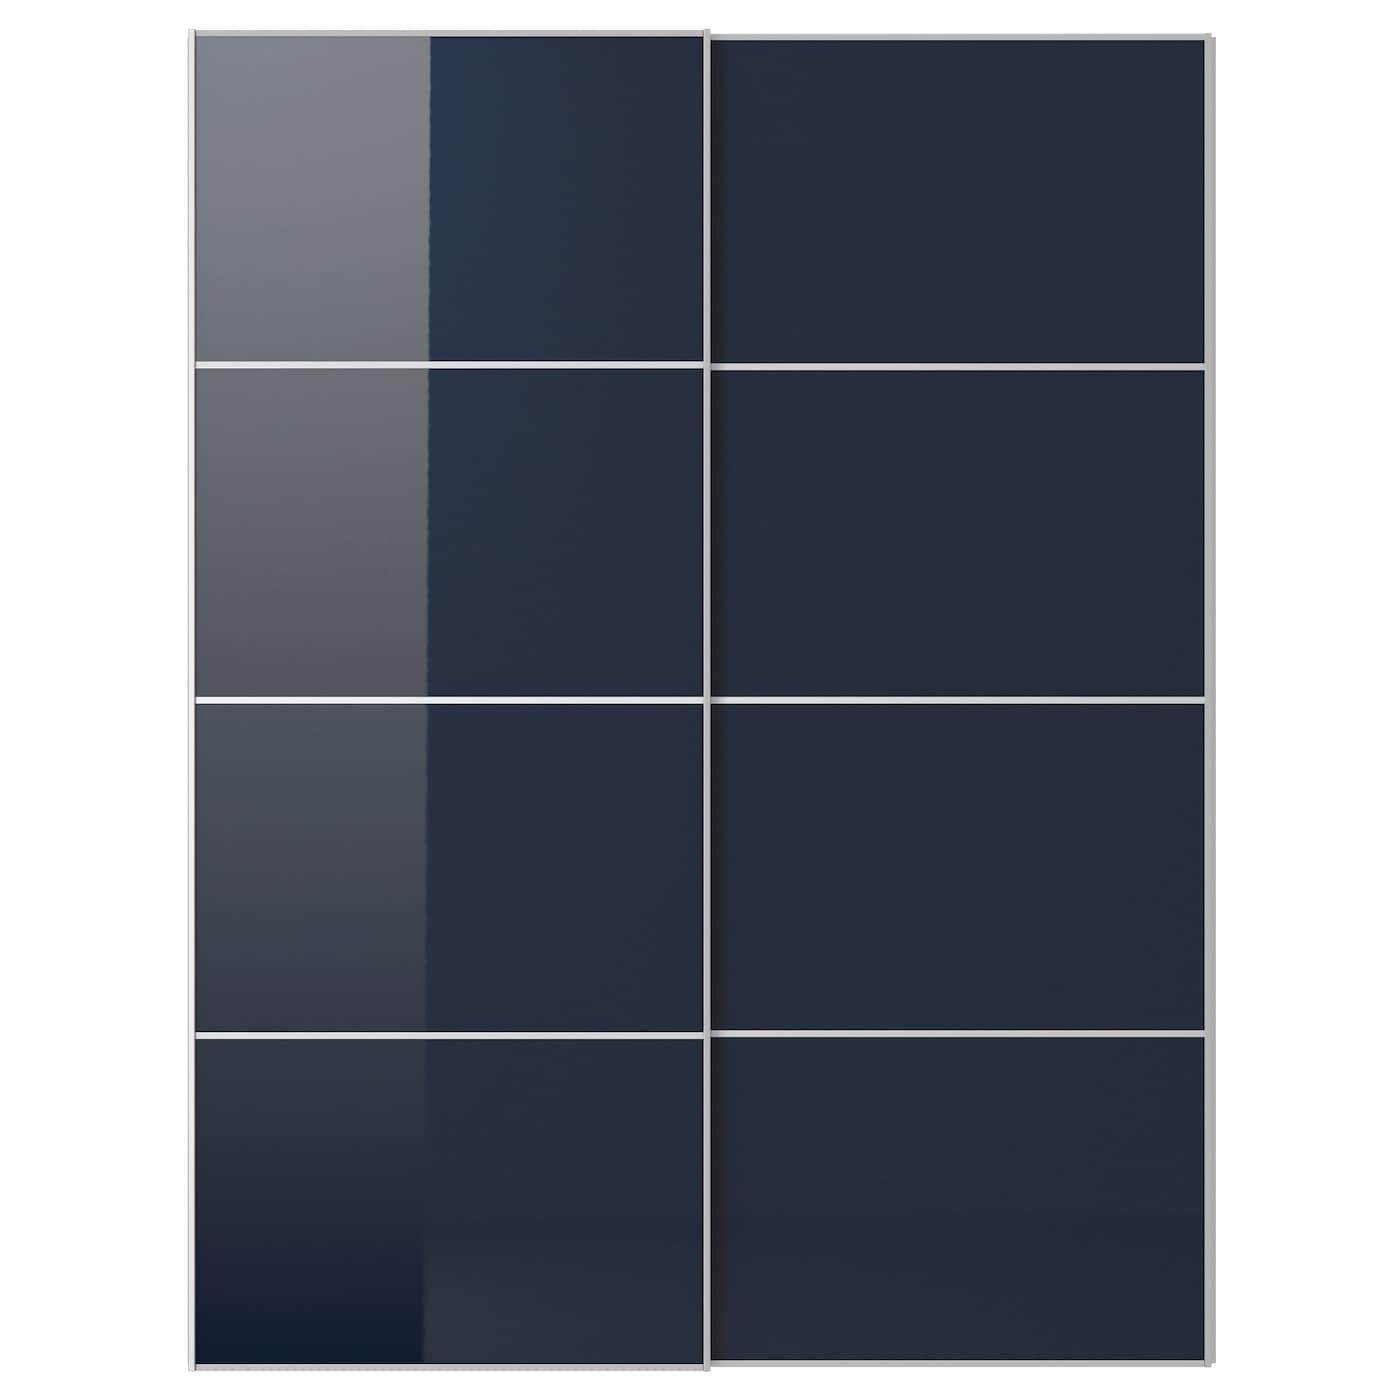 HOKKSUND, Schiebetürpaar, Hochglanz schwarzblau, dunkelblau 092.195.51